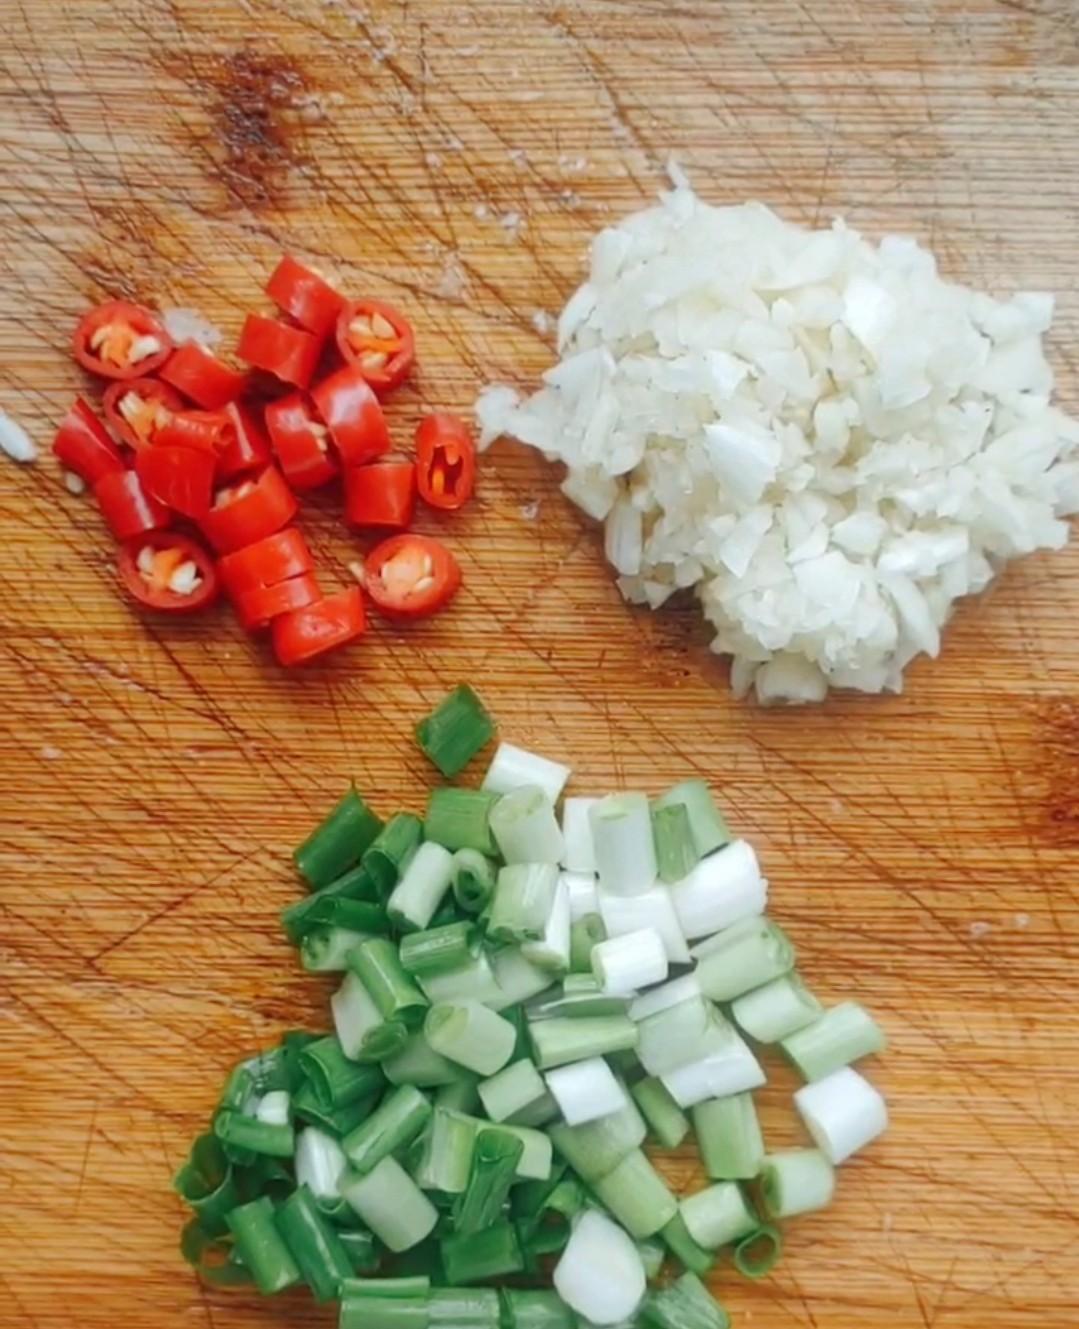 臭豆腐的简单做法